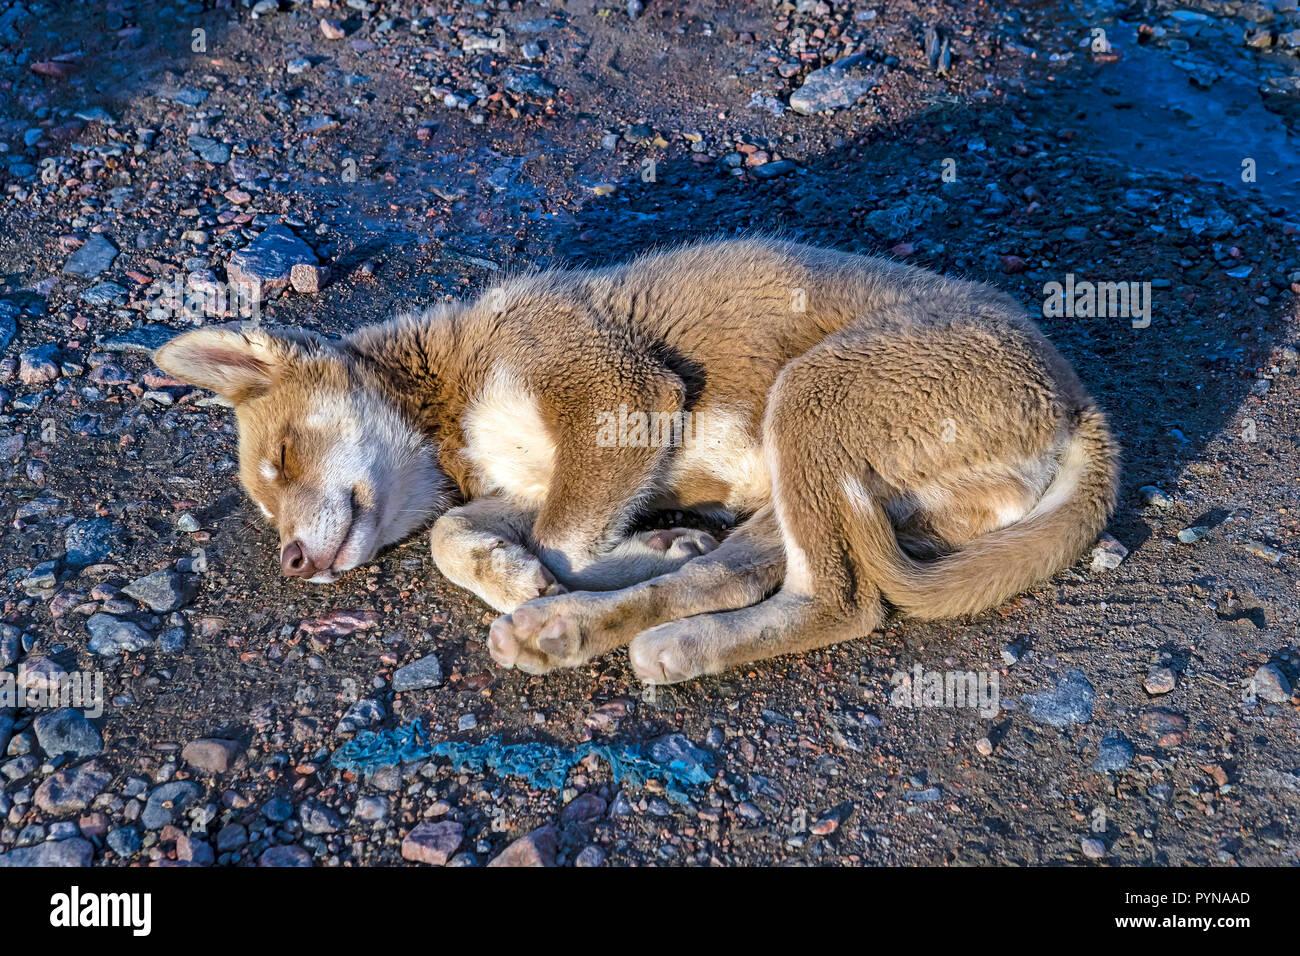 Schlafender grönlandhund an der Küste von Grönland, Nordpolarmeer, Arktis | Sleepingt Hund an der Küste, Norden polar Ozean, Küste von Grönland, Arktis Stockbild